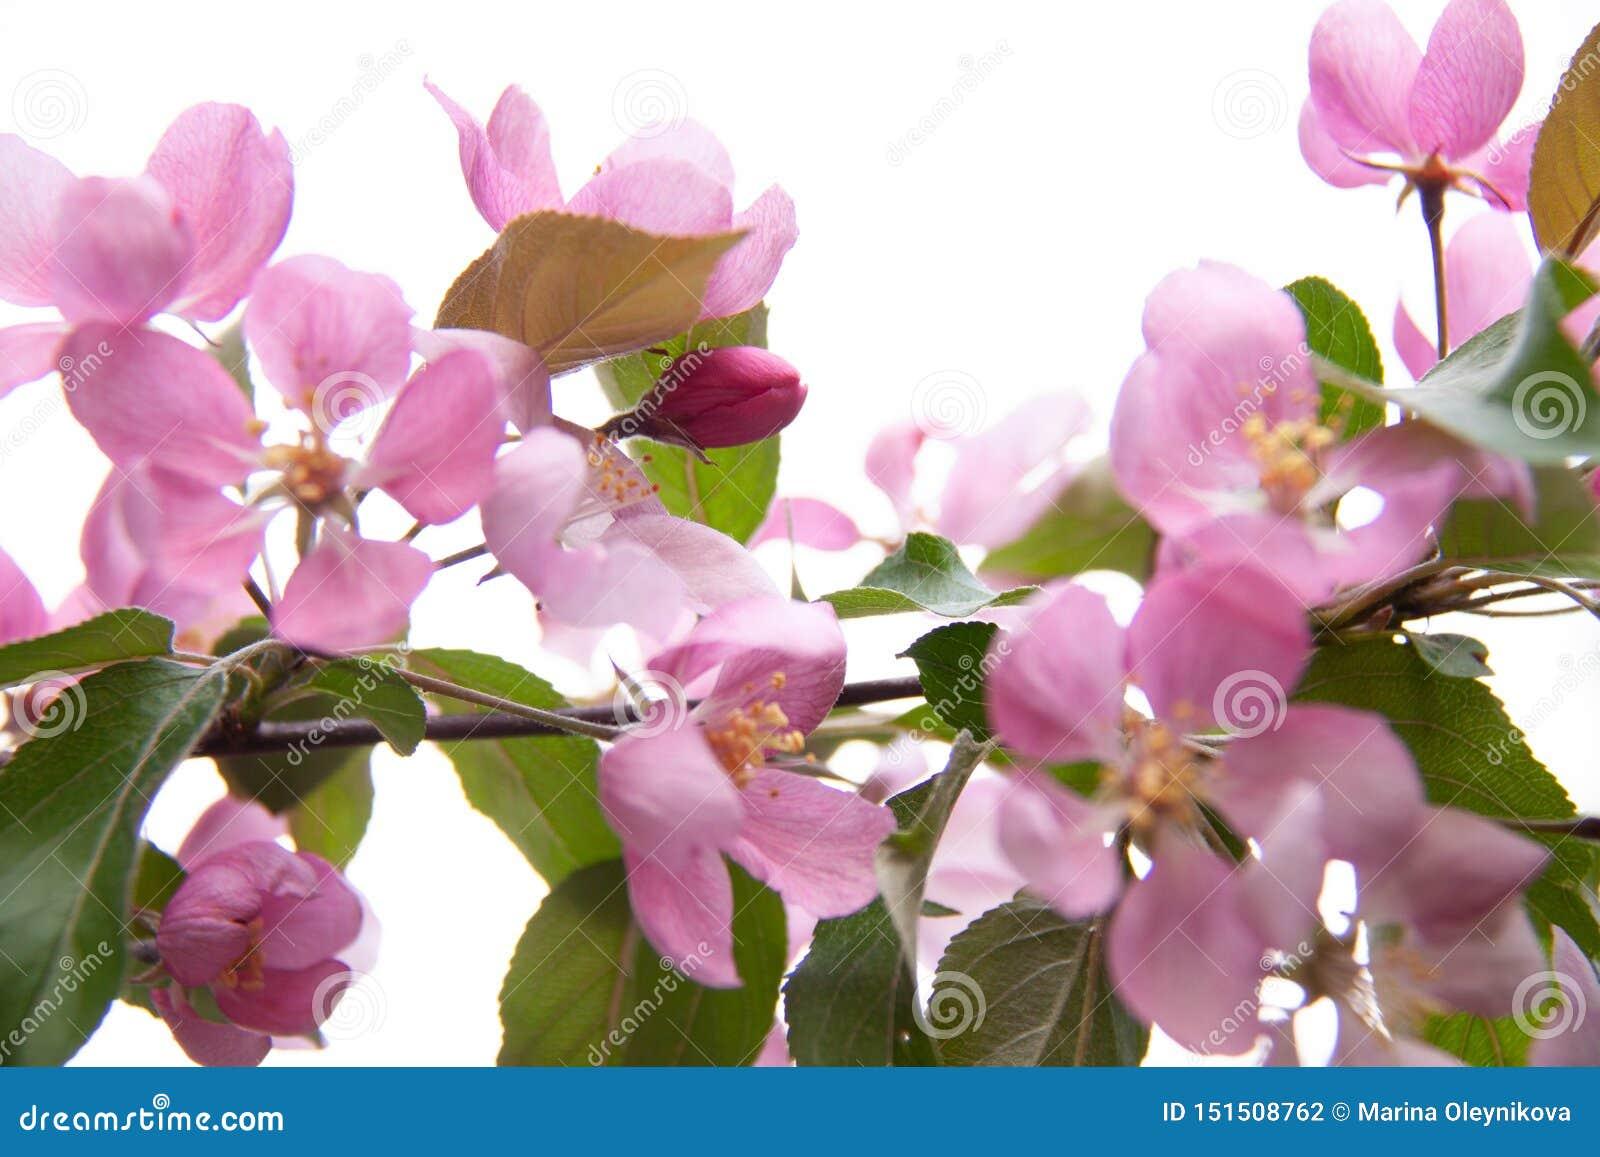 Jabłoniowa okwitnięcie gałąź z różowymi kwiatami